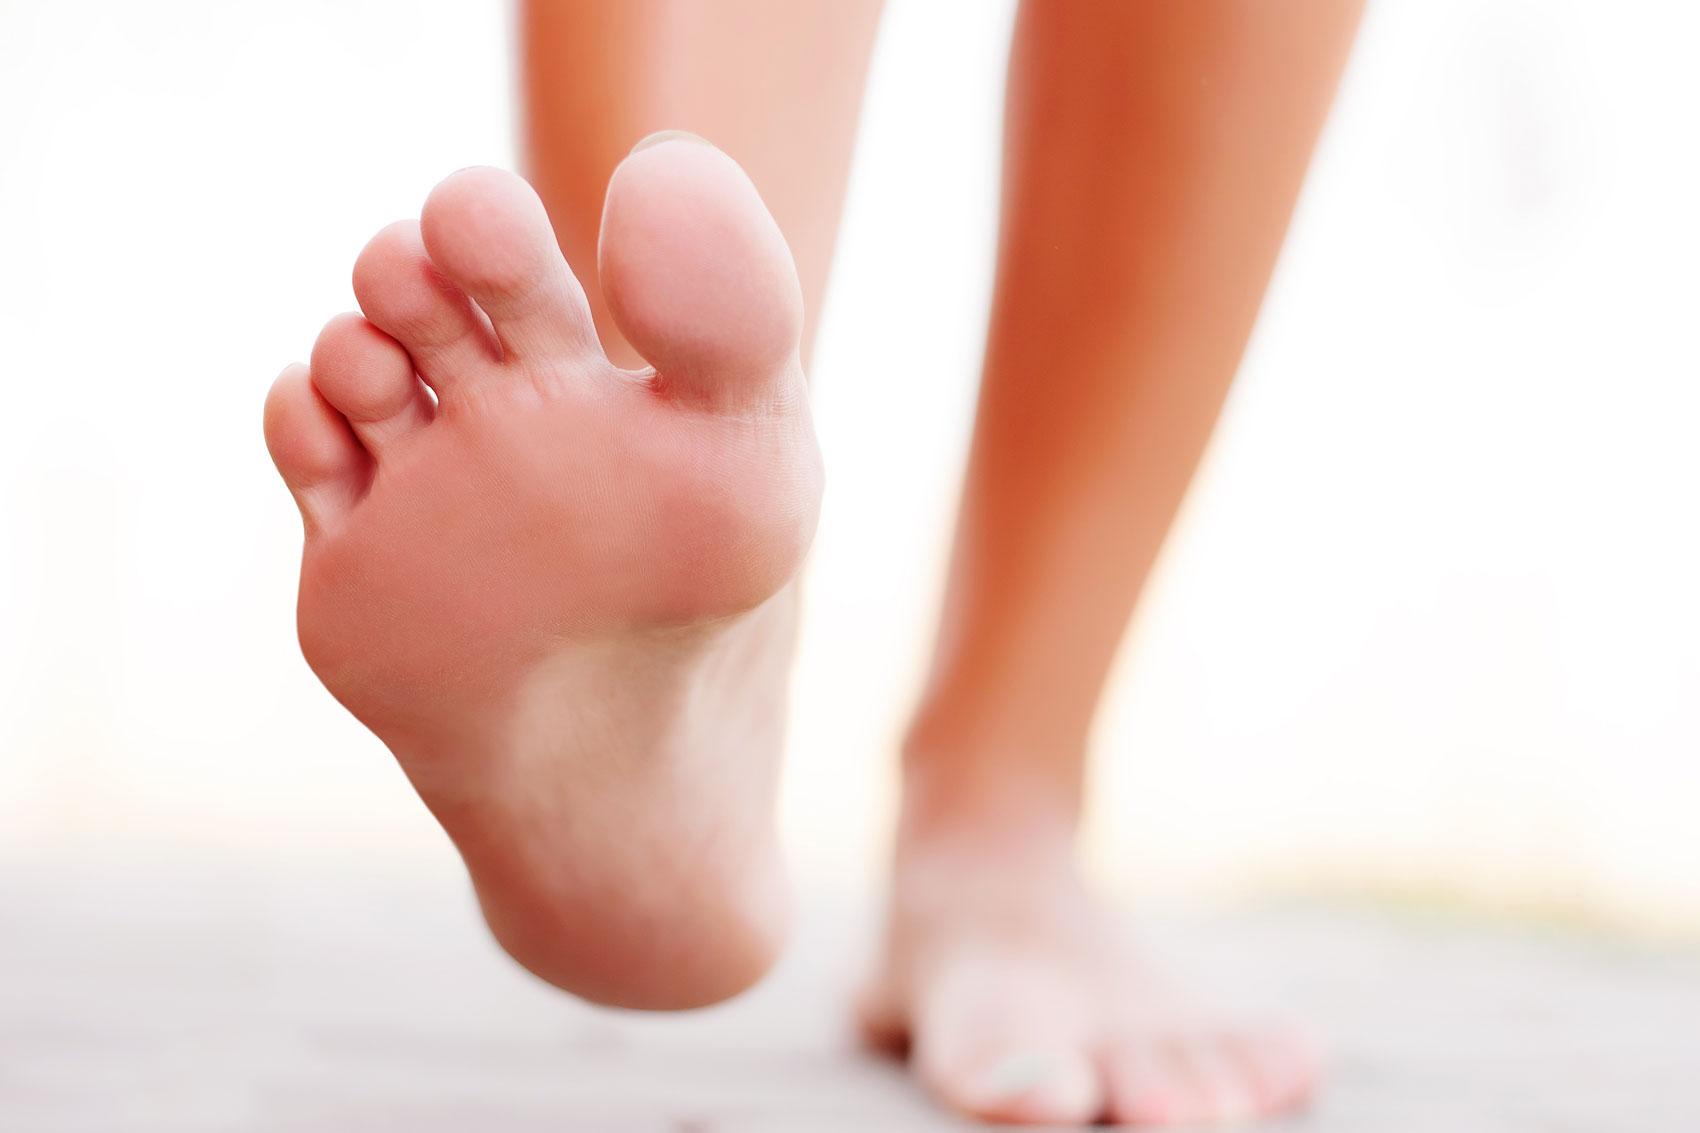 piedi nudi in primo piano in movimento